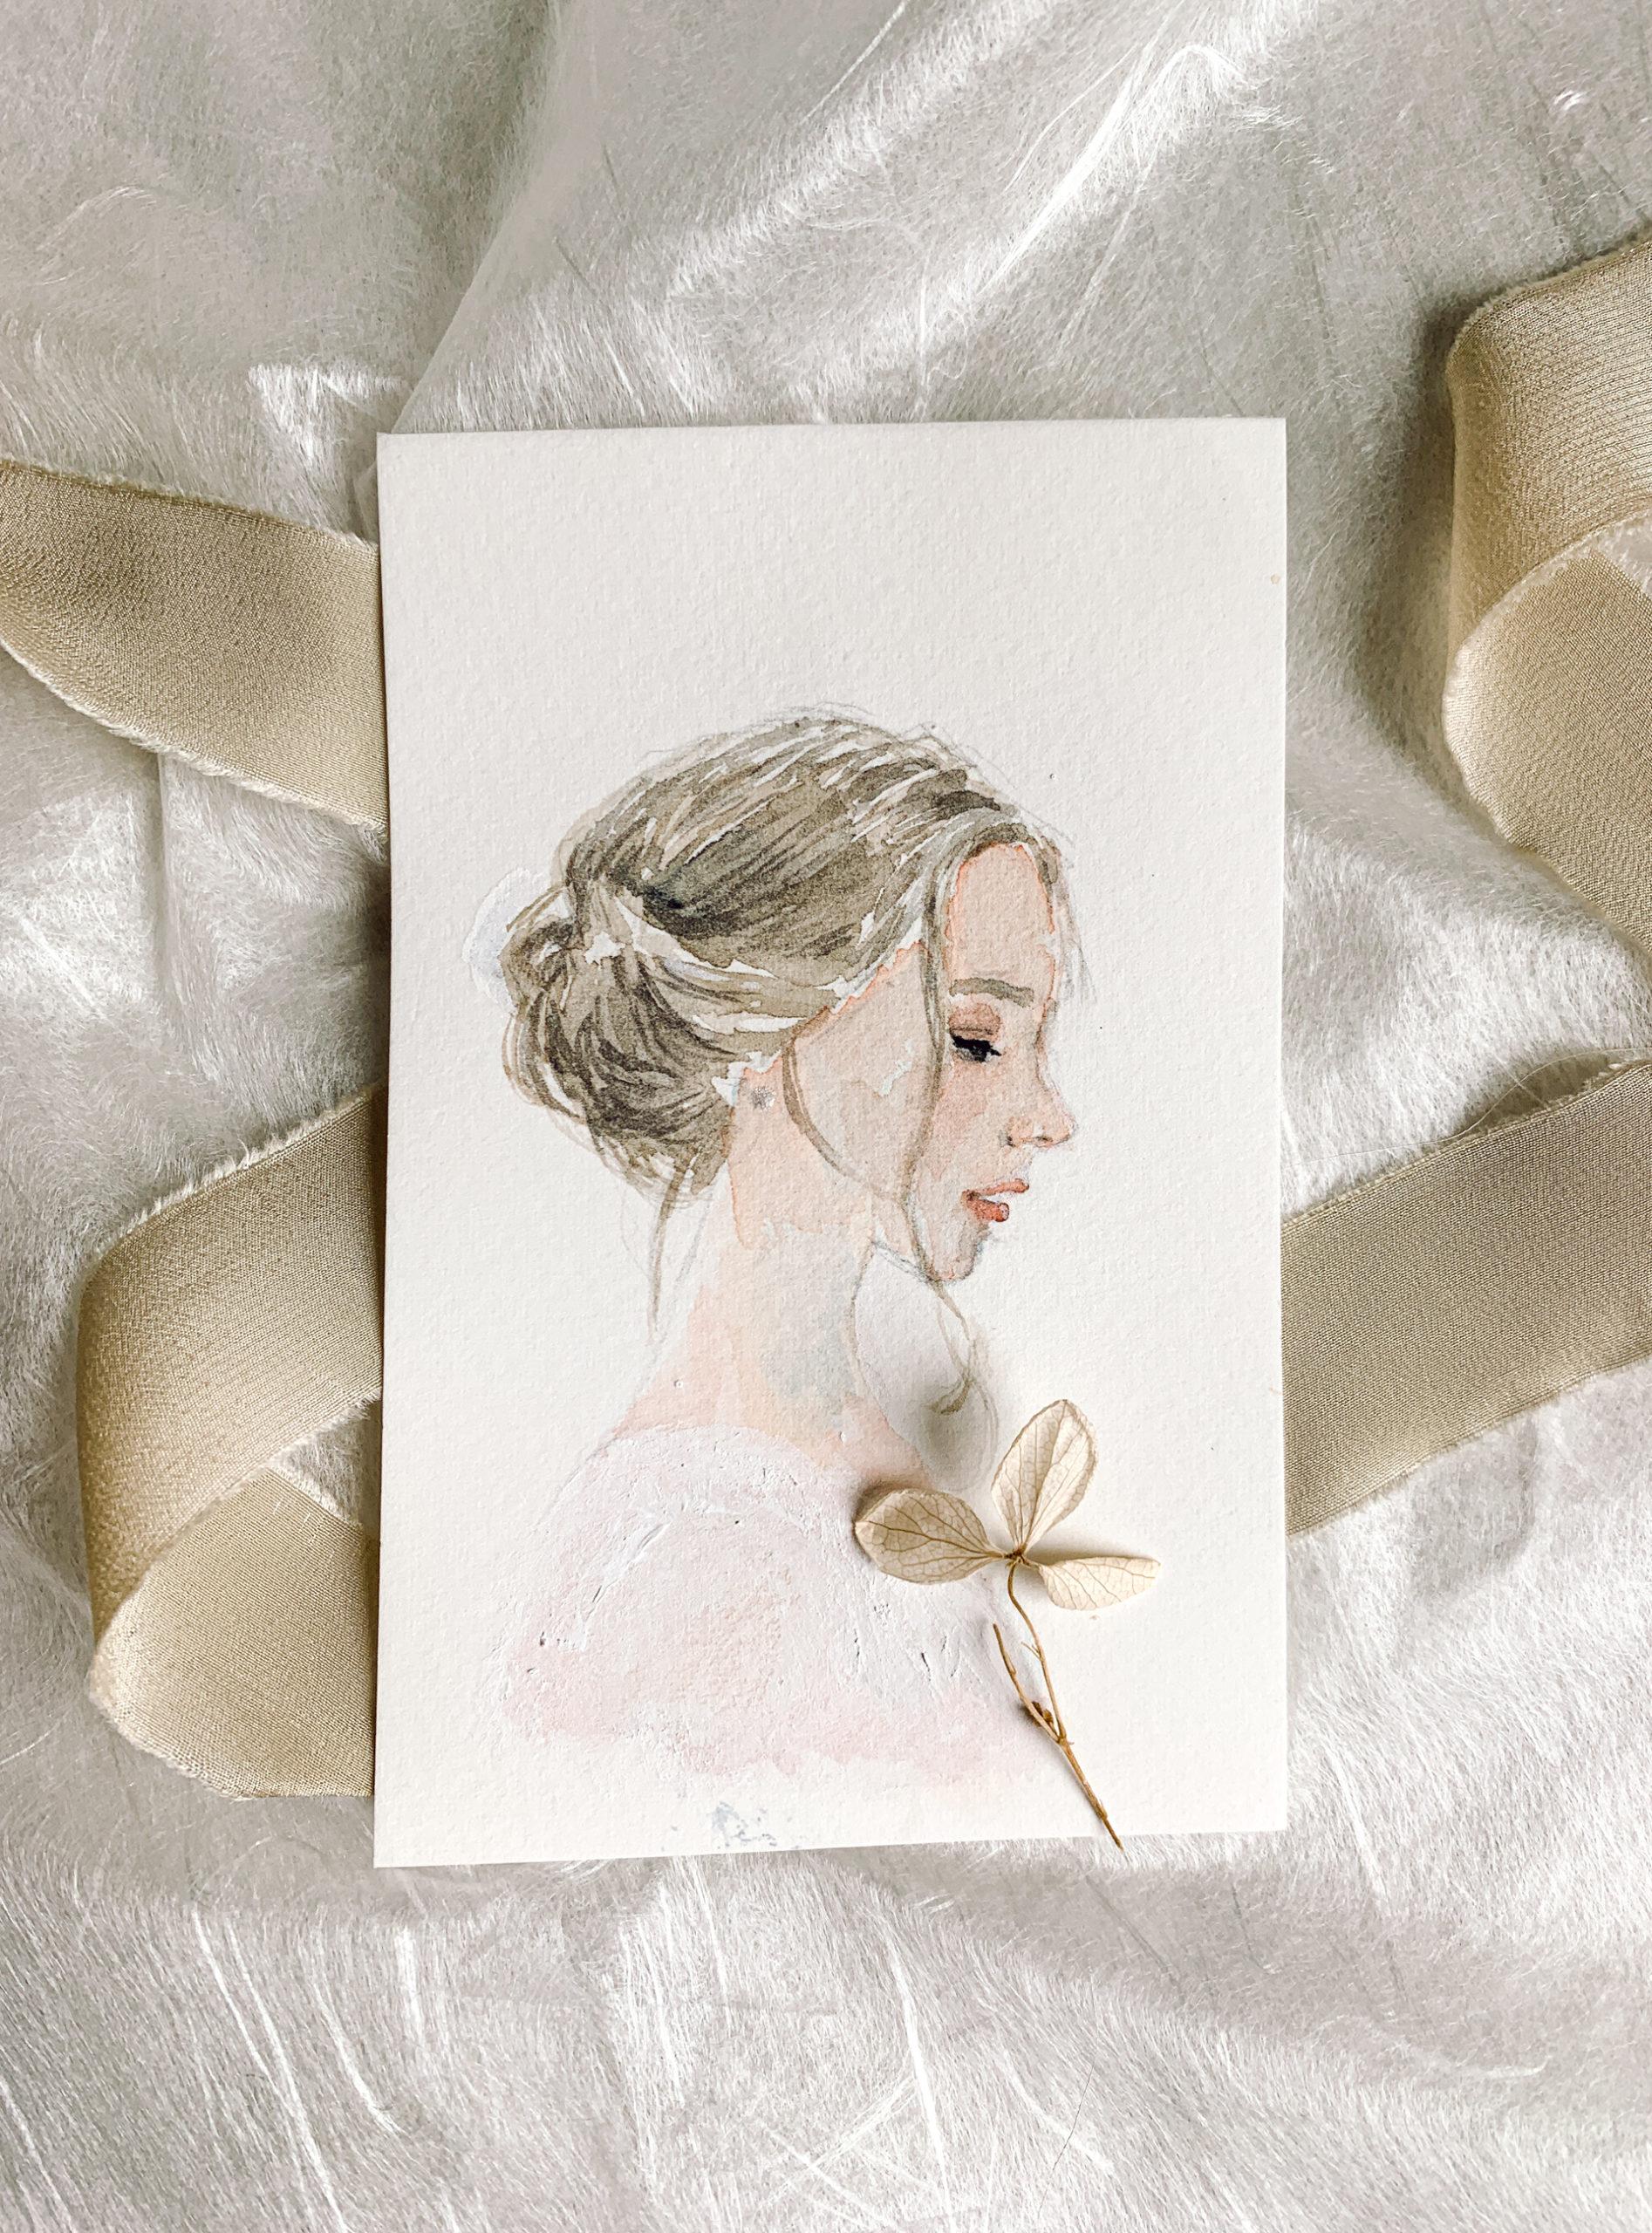 Bride hairstyle watercolor